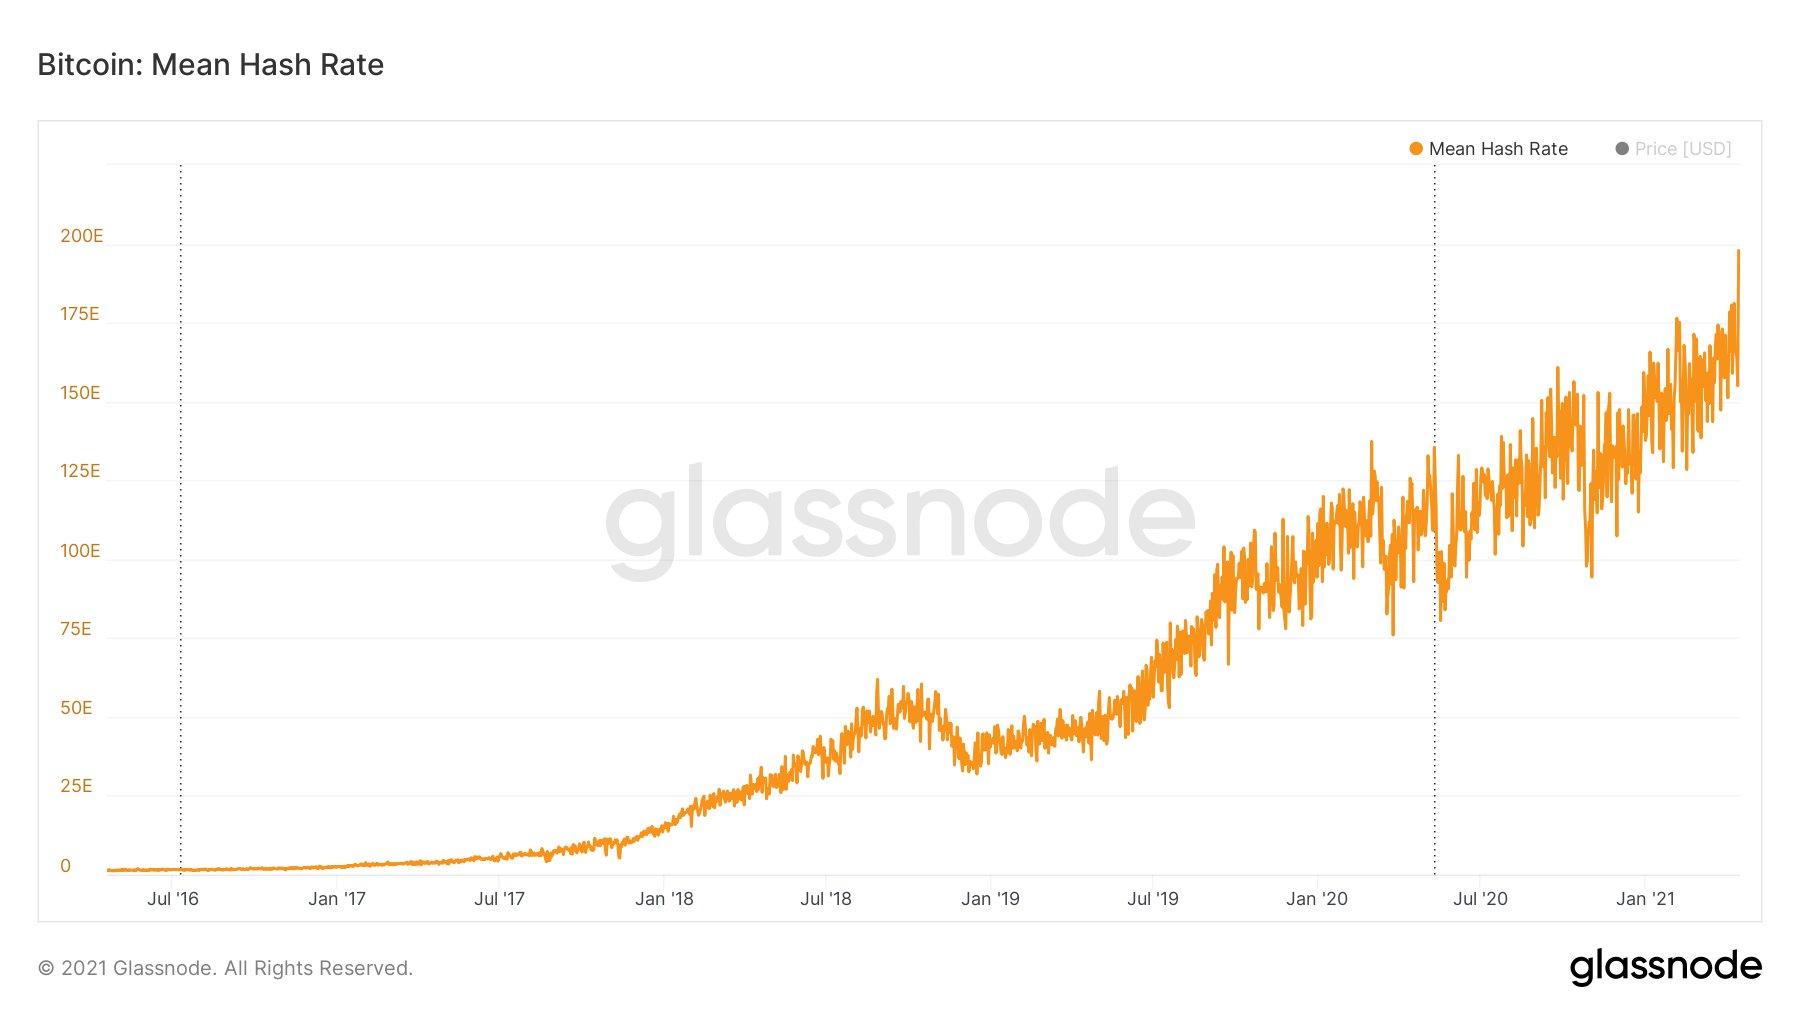 4d894675 4b23 4417 84c7 f38b5a03eab3 - Новый рекорд от биткоина: Хешрейт сети достиг 200 EH/s